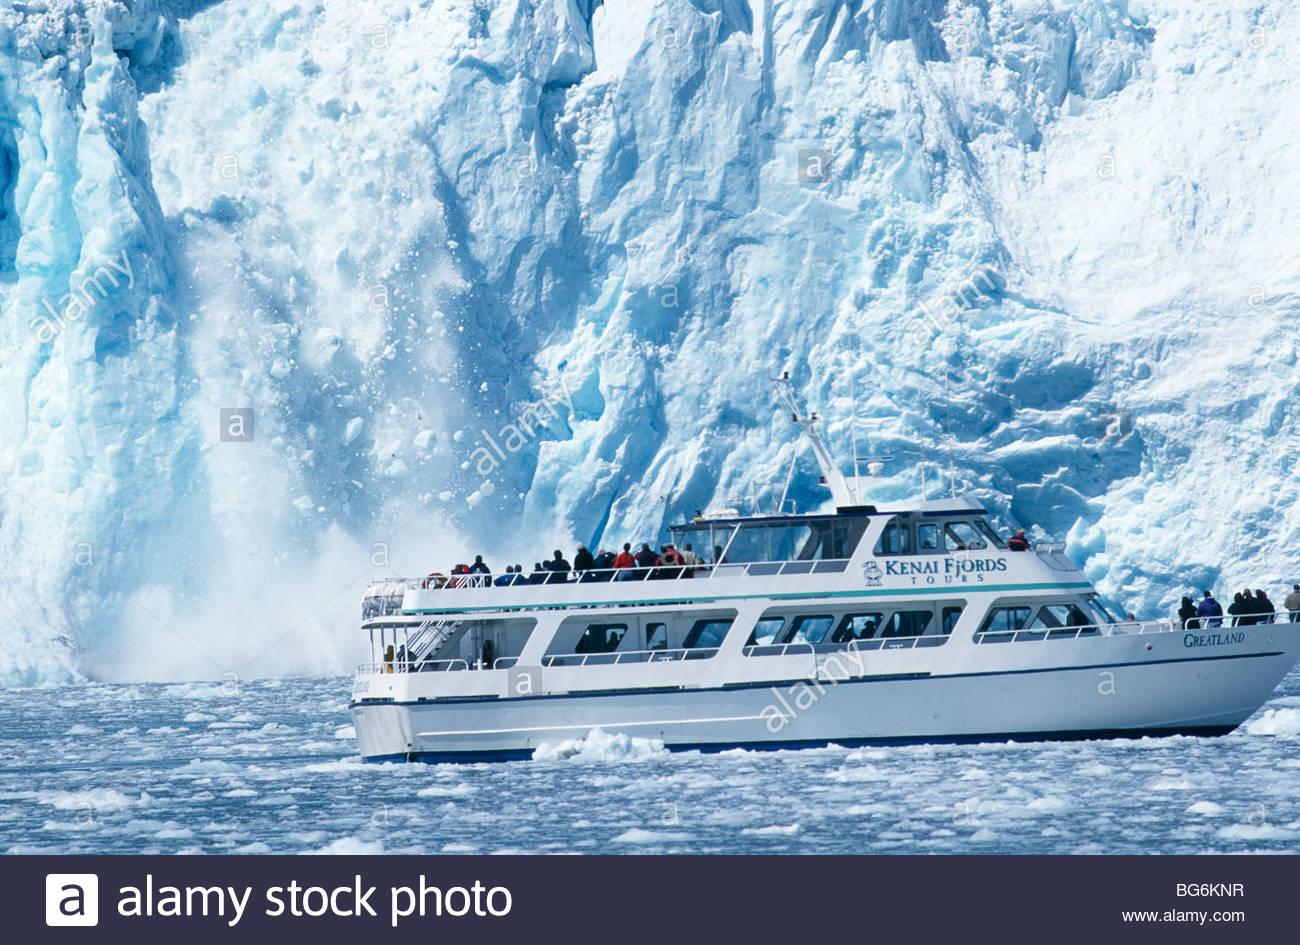 Alaska Seward Holgate Glacier With Kenai Fjords Tour Boat Stock - Alaska tour